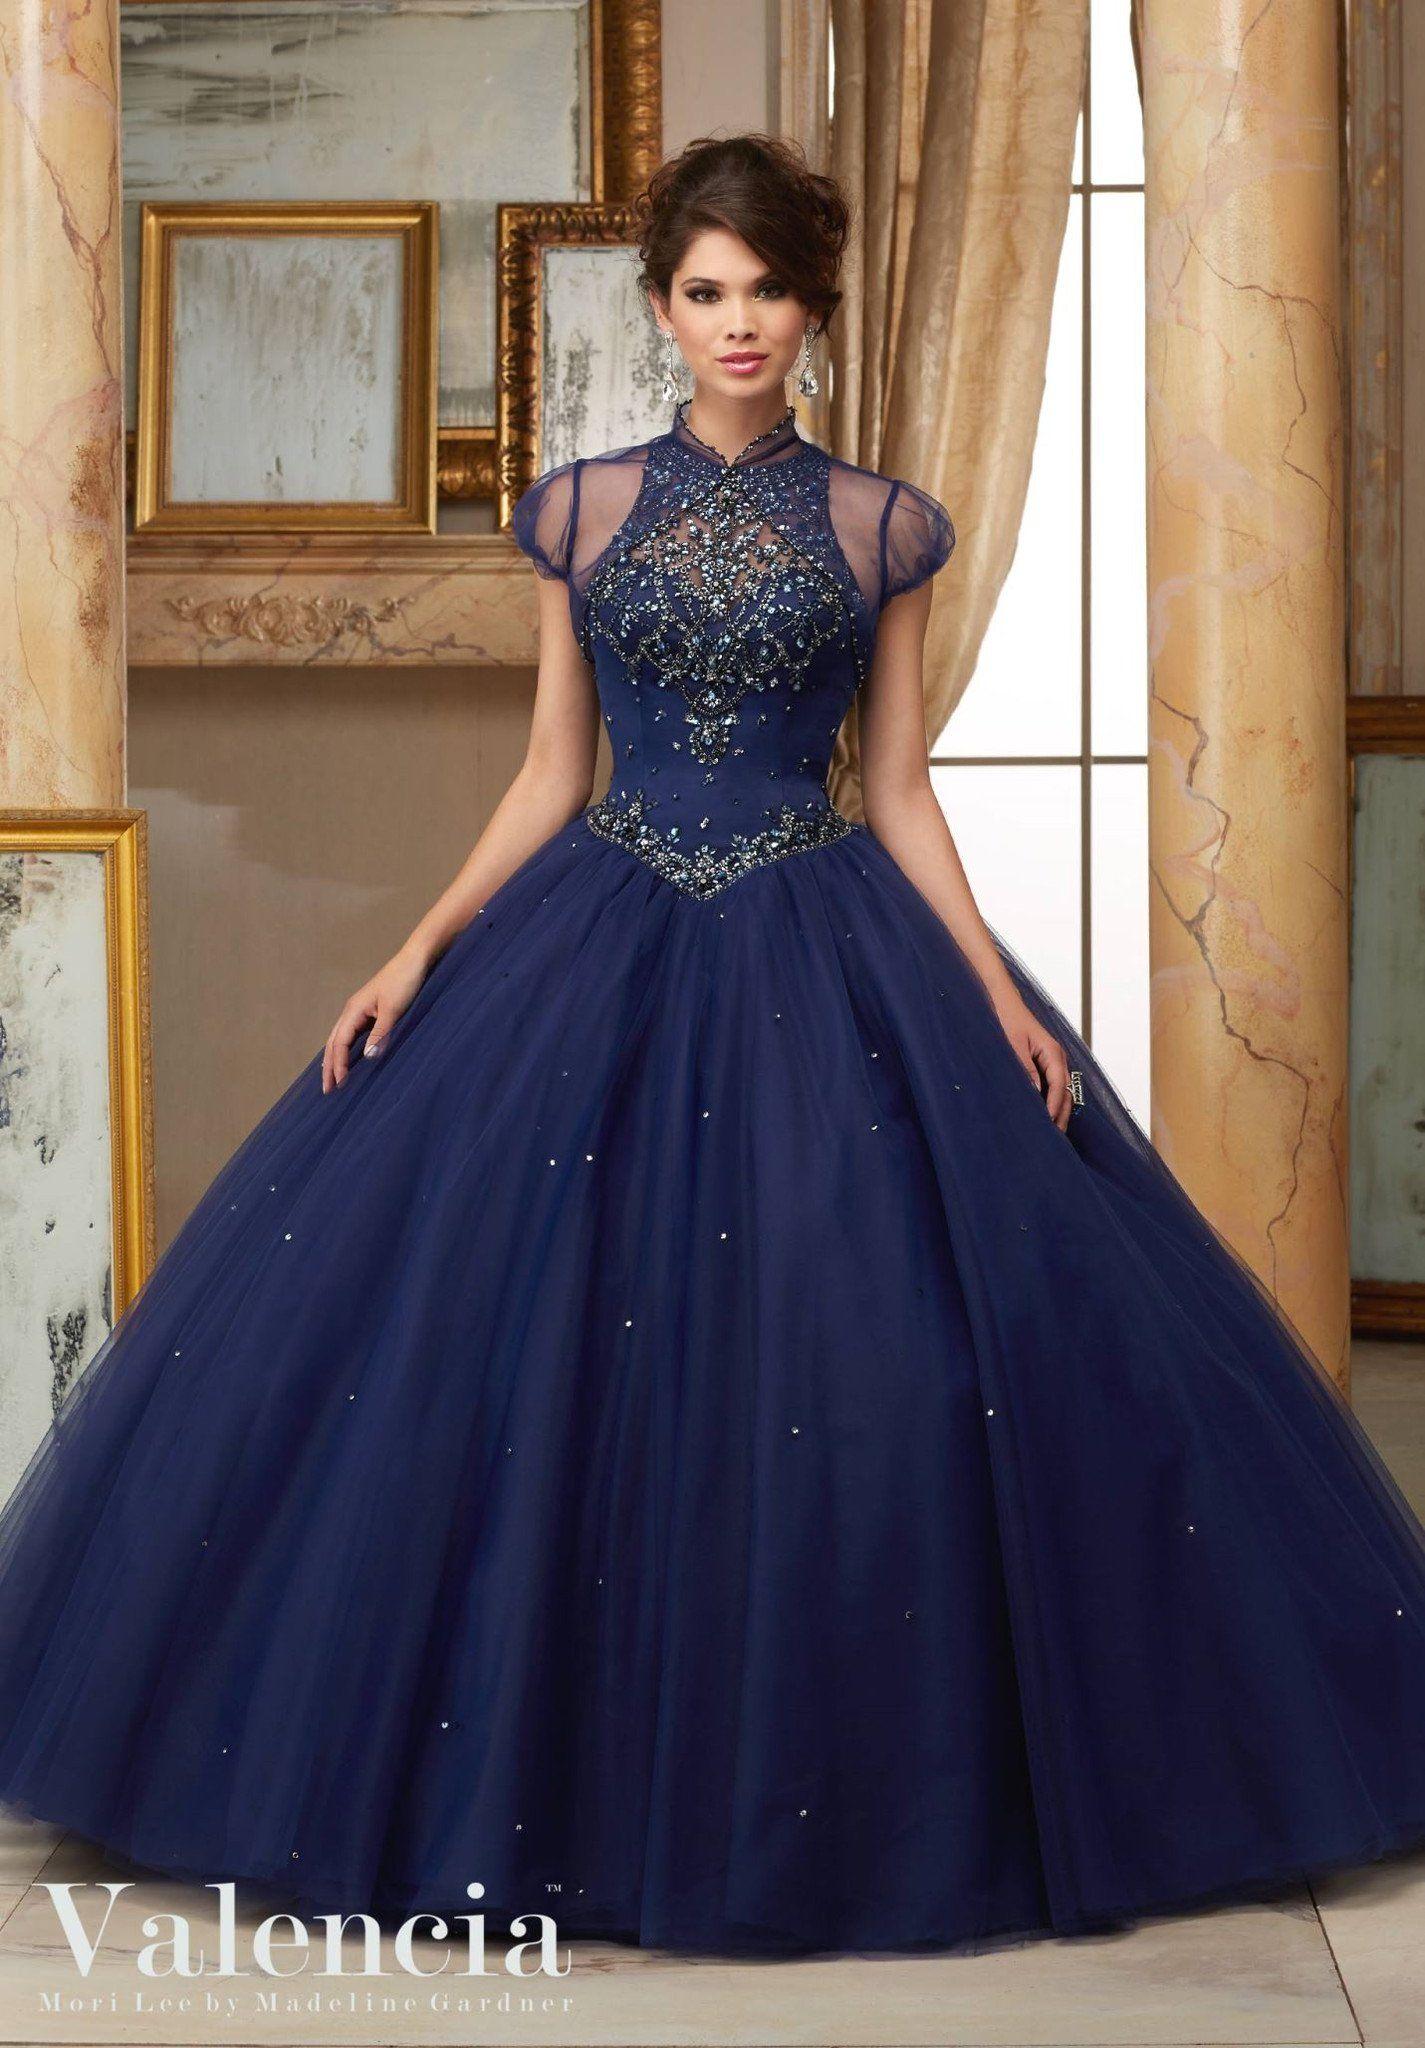 Mori Lee Valencia Quinceanera Dress 60008 | Mode für Frauen, Für ...